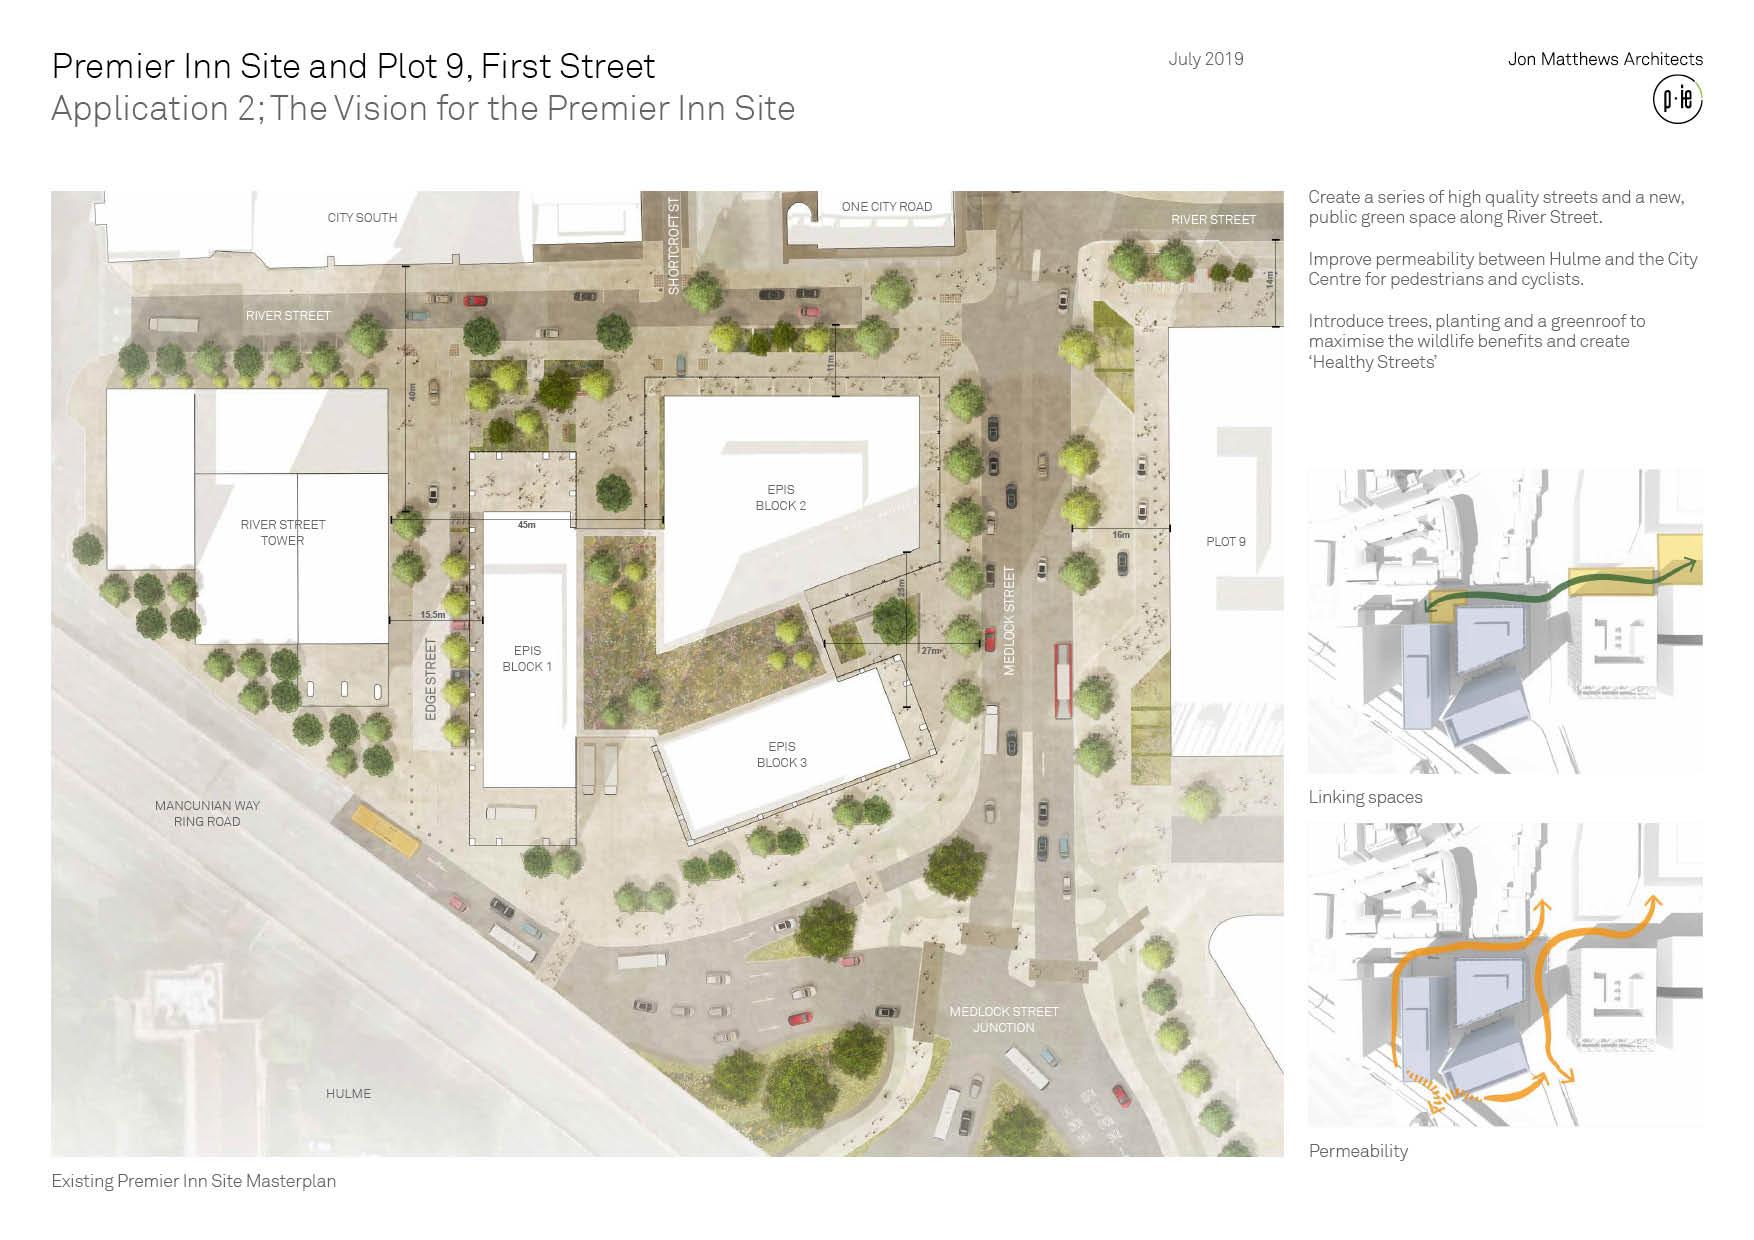 first_street_premier_inn_plot_9_5.jpg